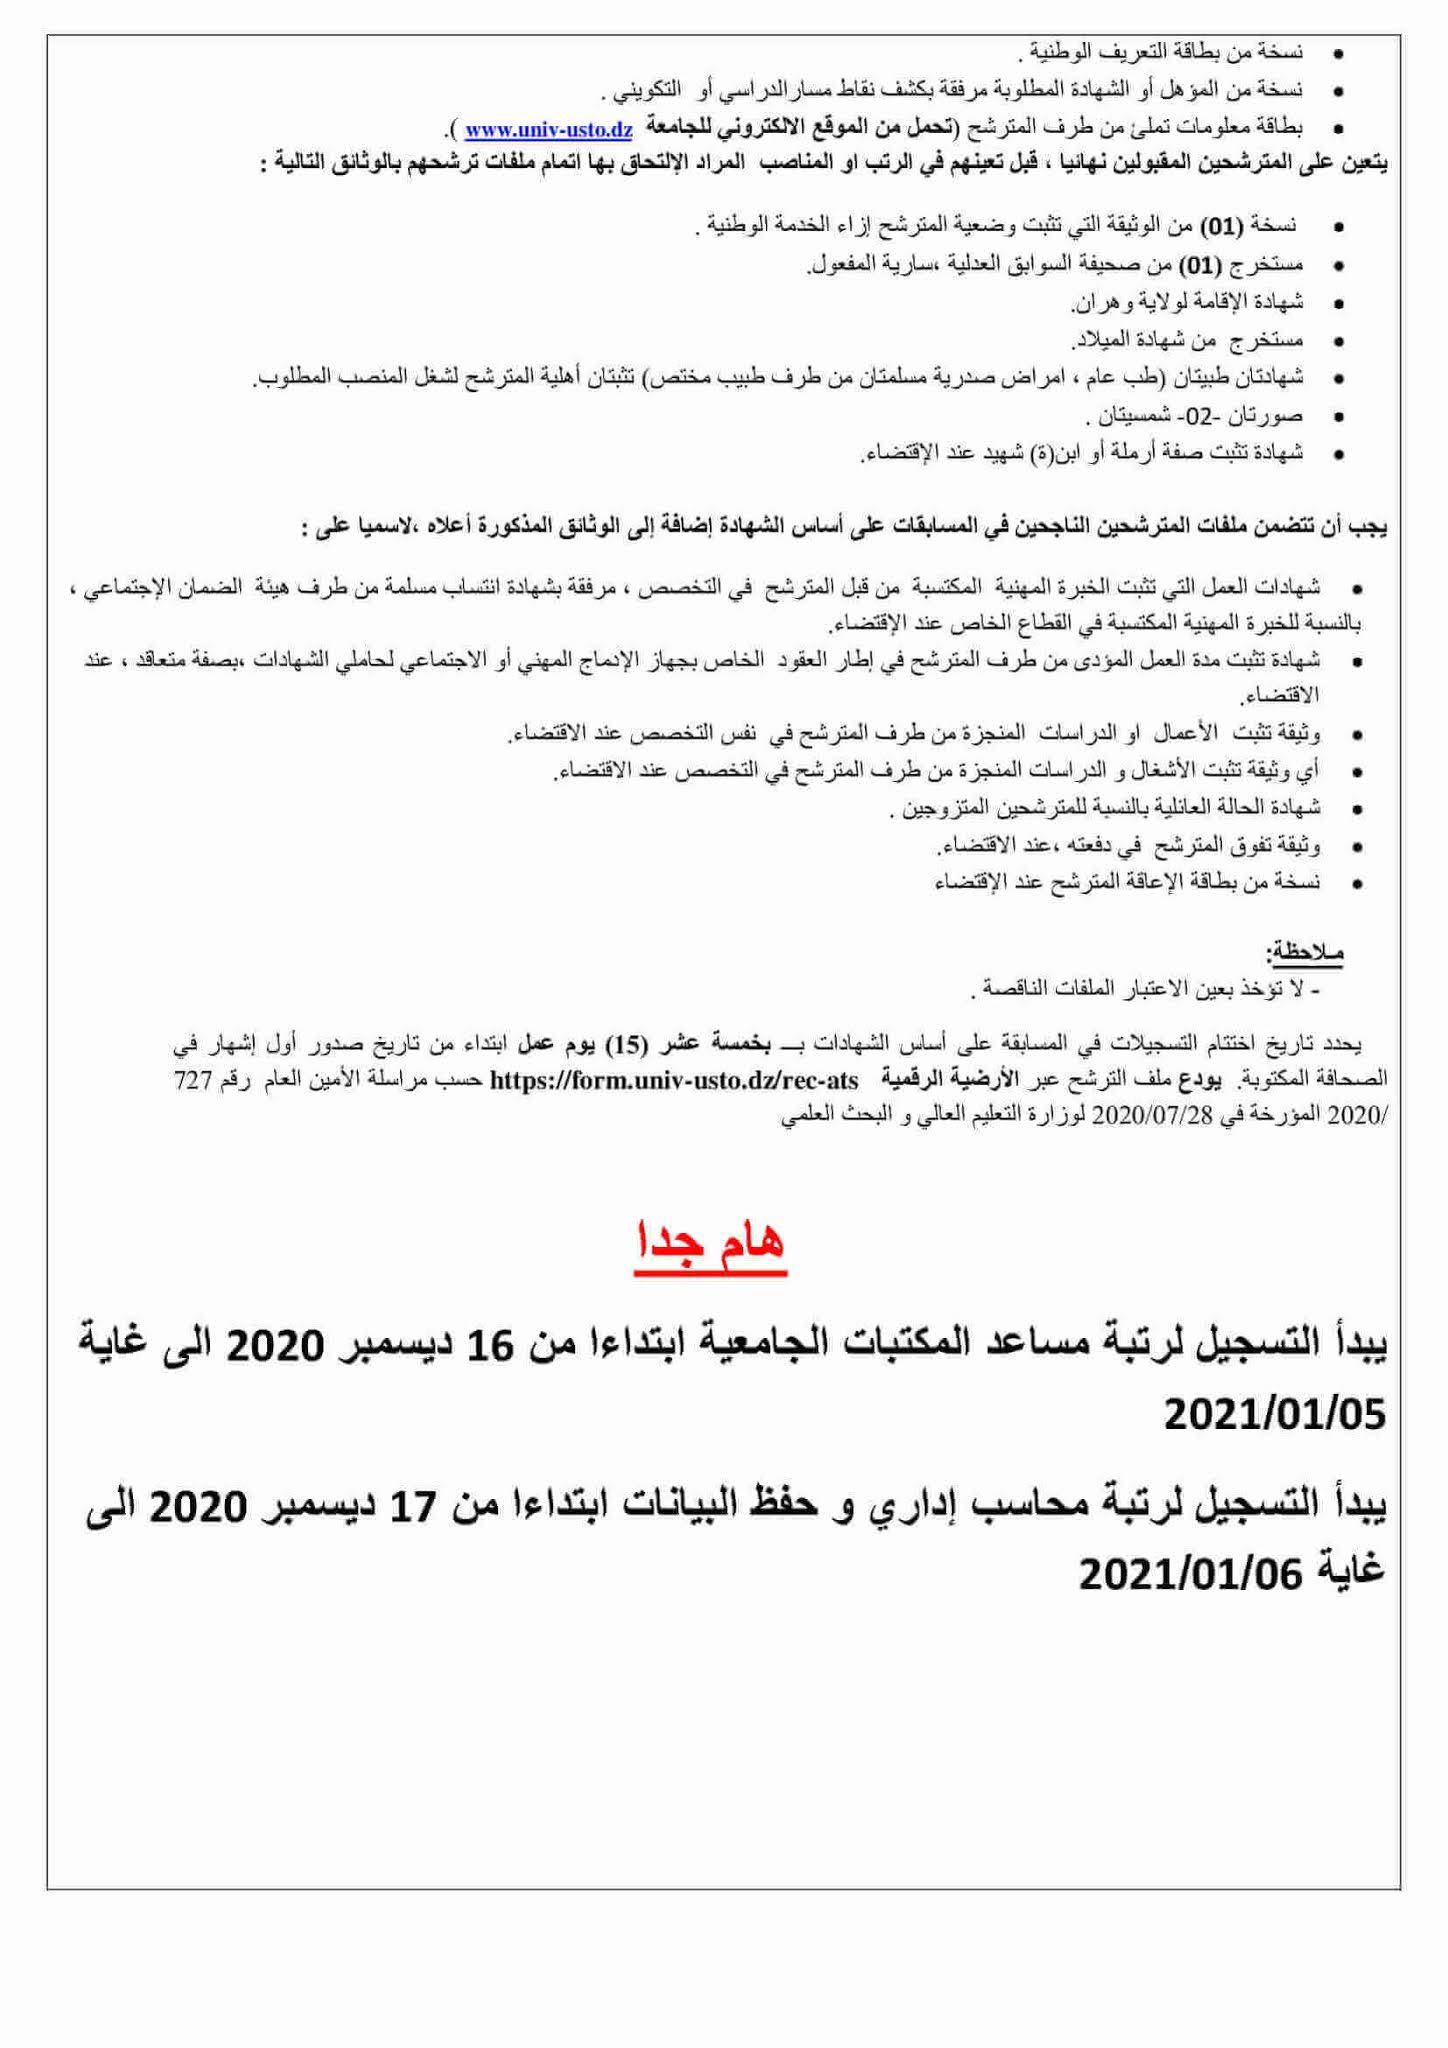 جامعة وهران للعلوم و التكنولوجيا – محمد بوضياف